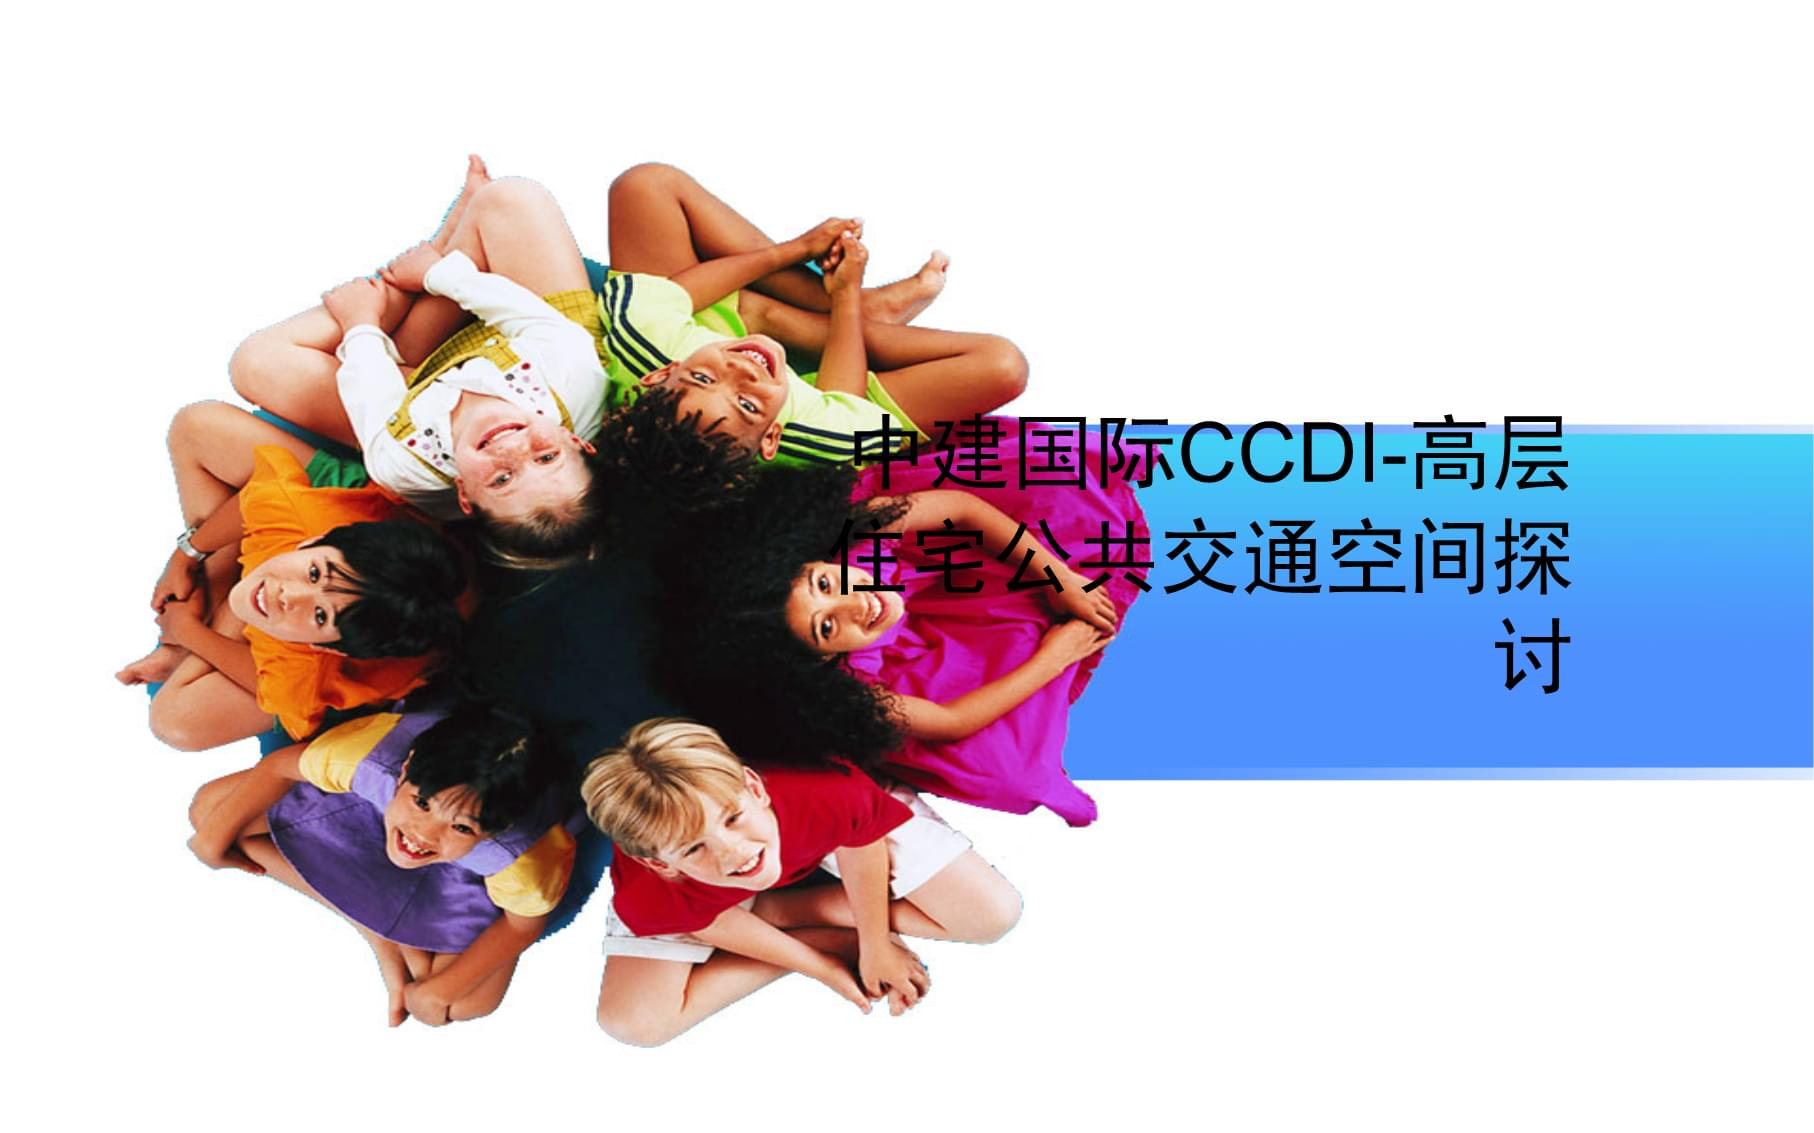 中建国际ccdi鸿-高层住宅公共交通空间探讨.ppt